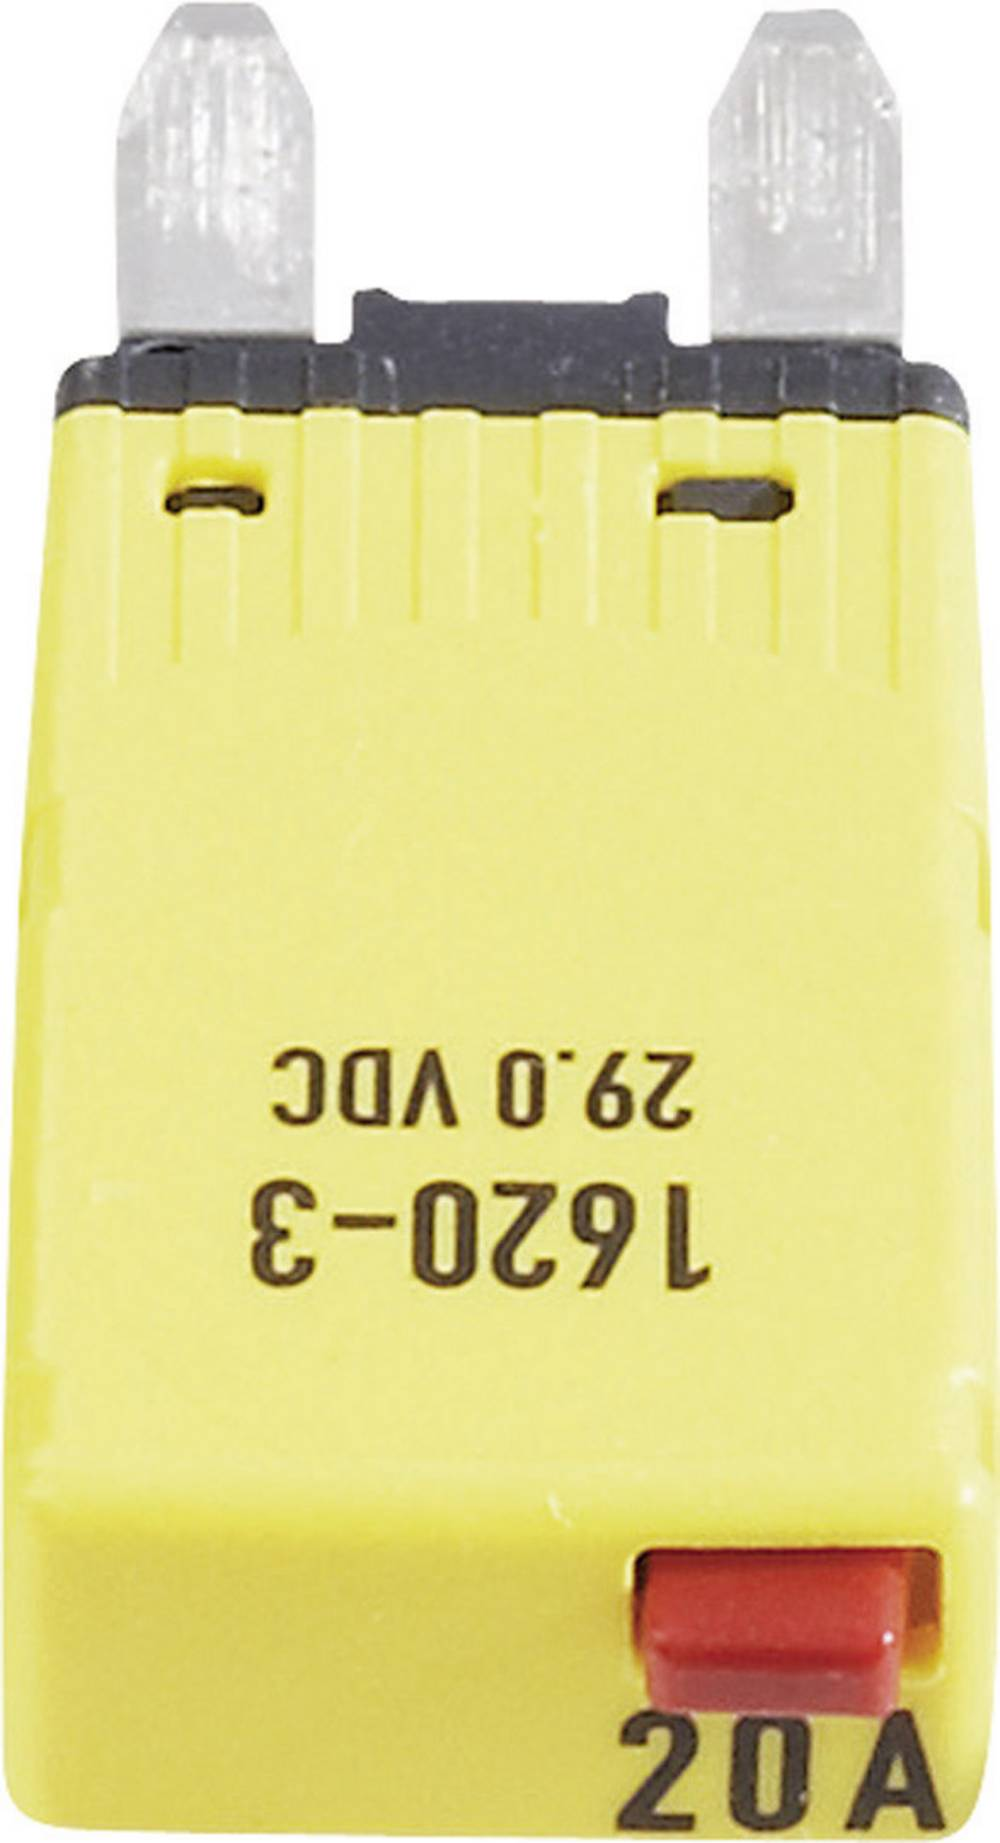 Sikringsautomat Mini Fladsikring 20 A Gul 1620-3-20A 1620-3-20A 1 stk